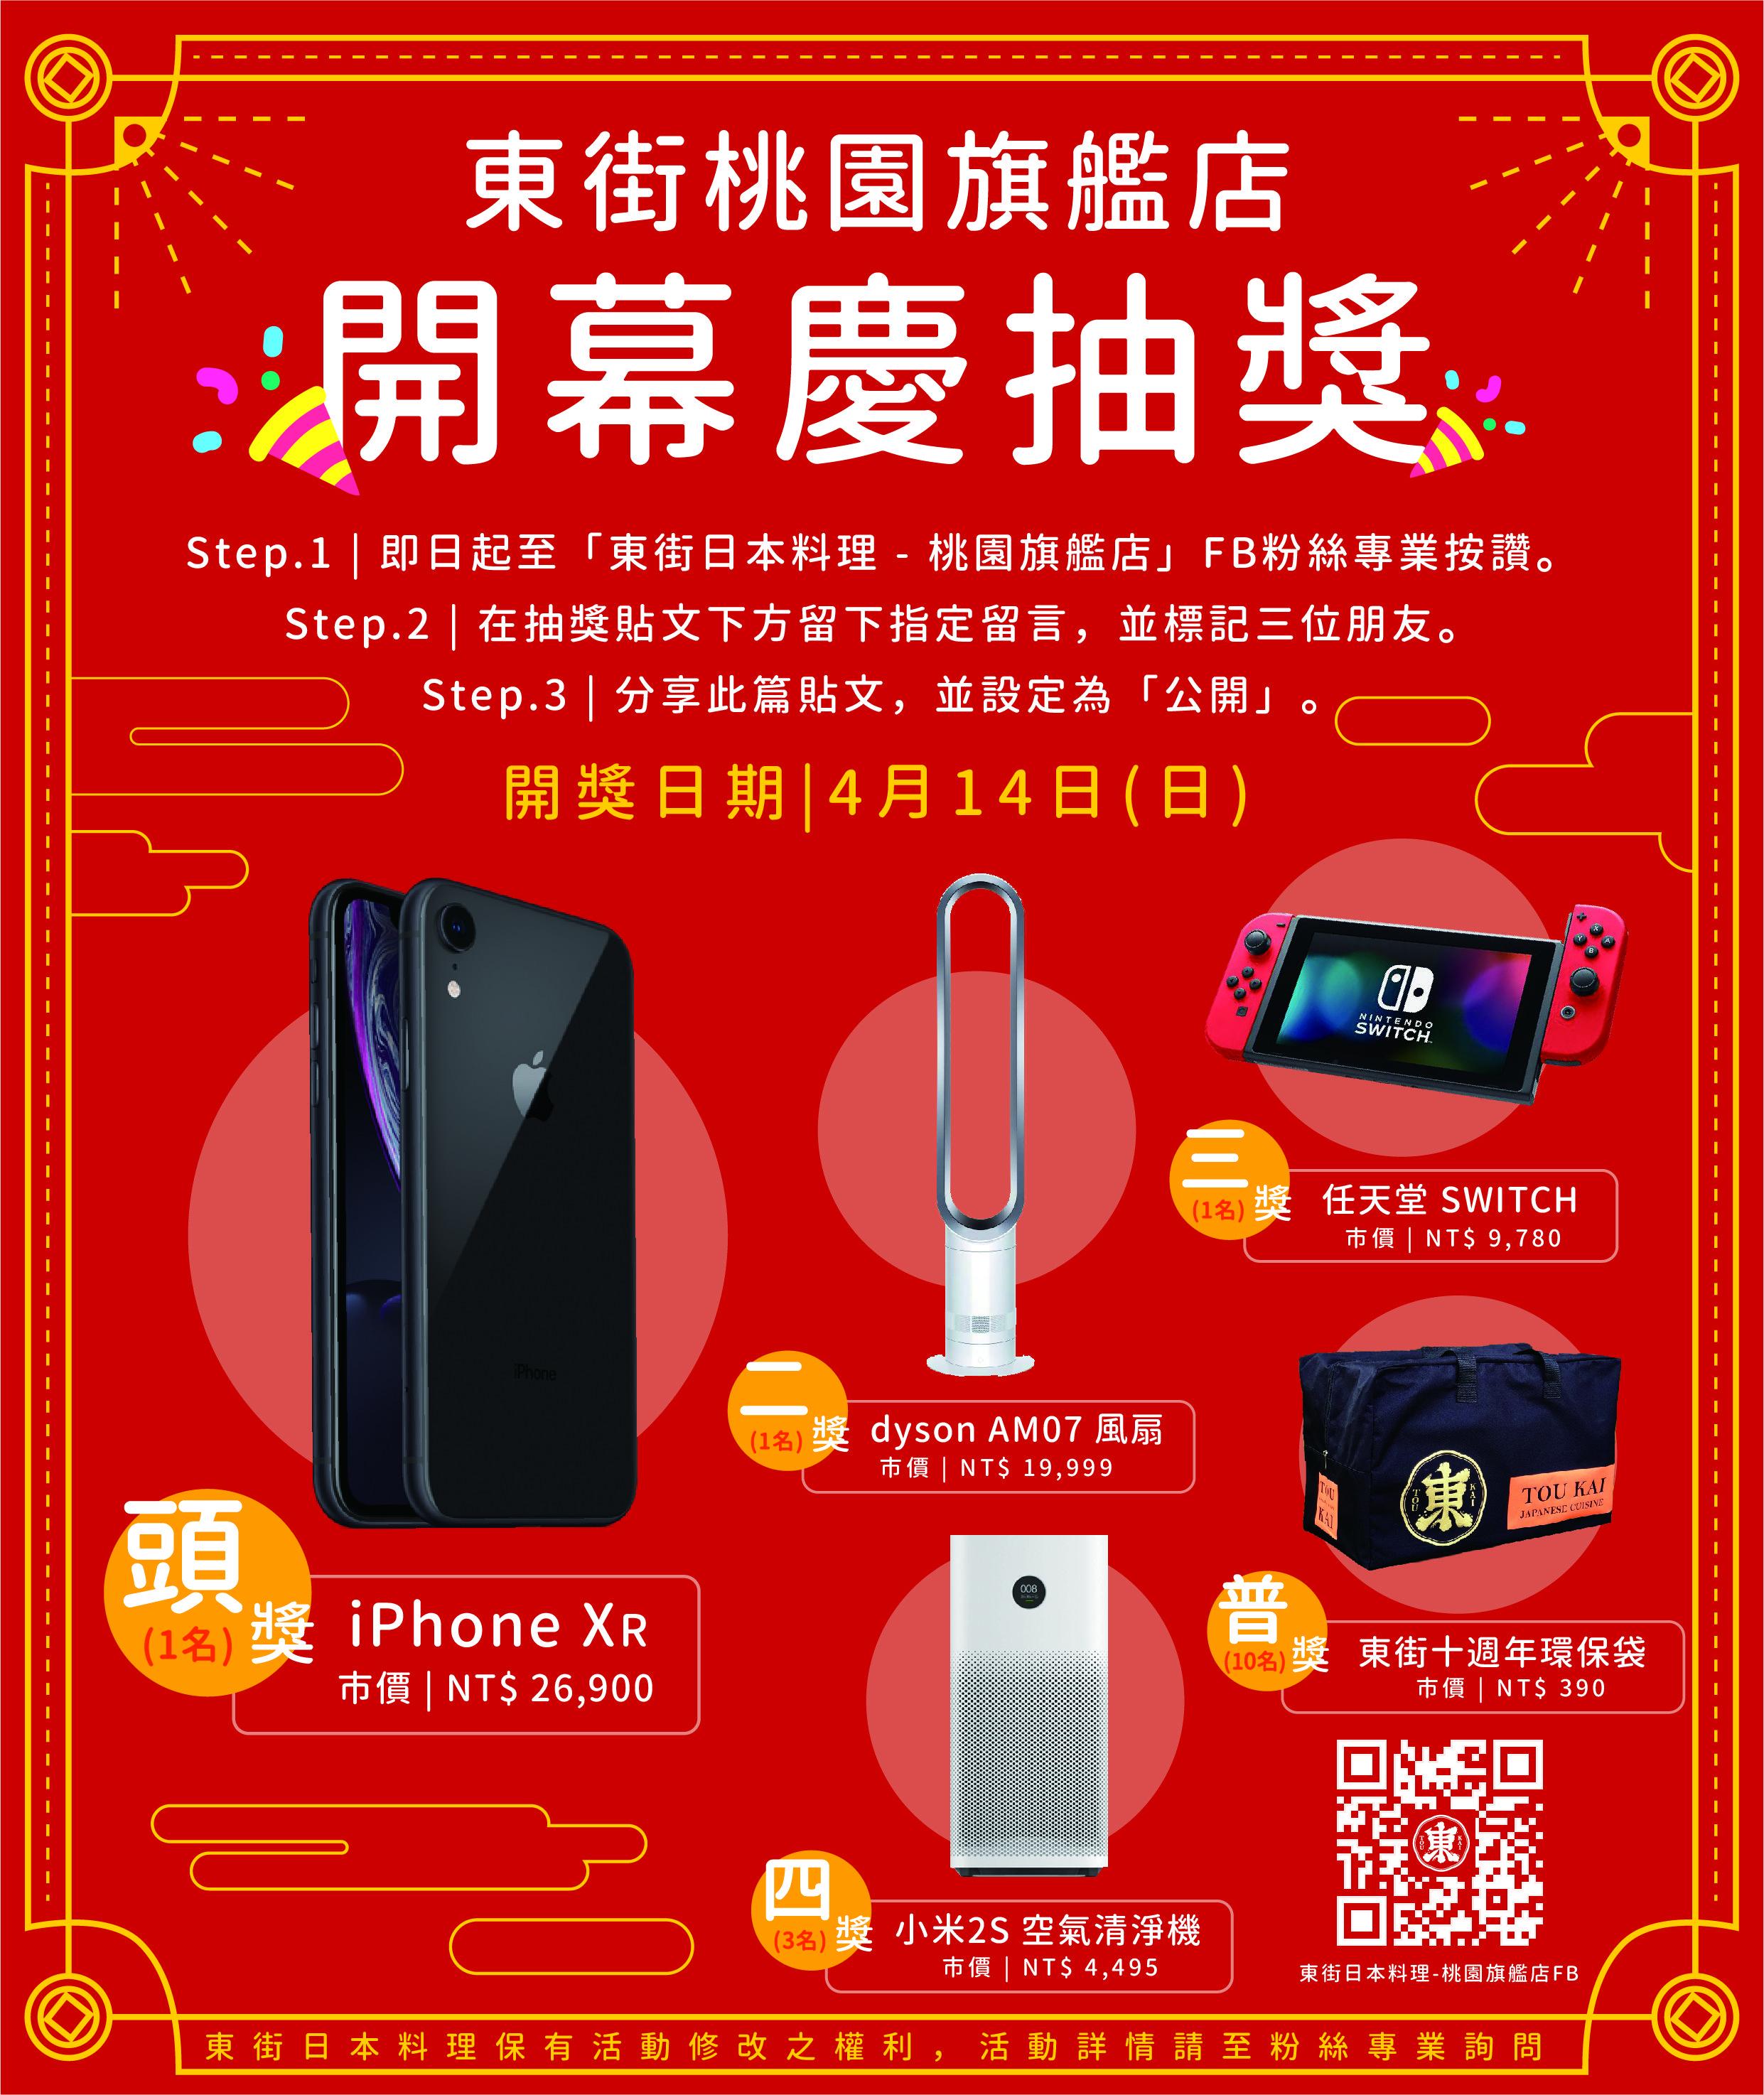 東街日本料理 桃園旗艦店開幕慶抽獎 iphone electronic products 10 things